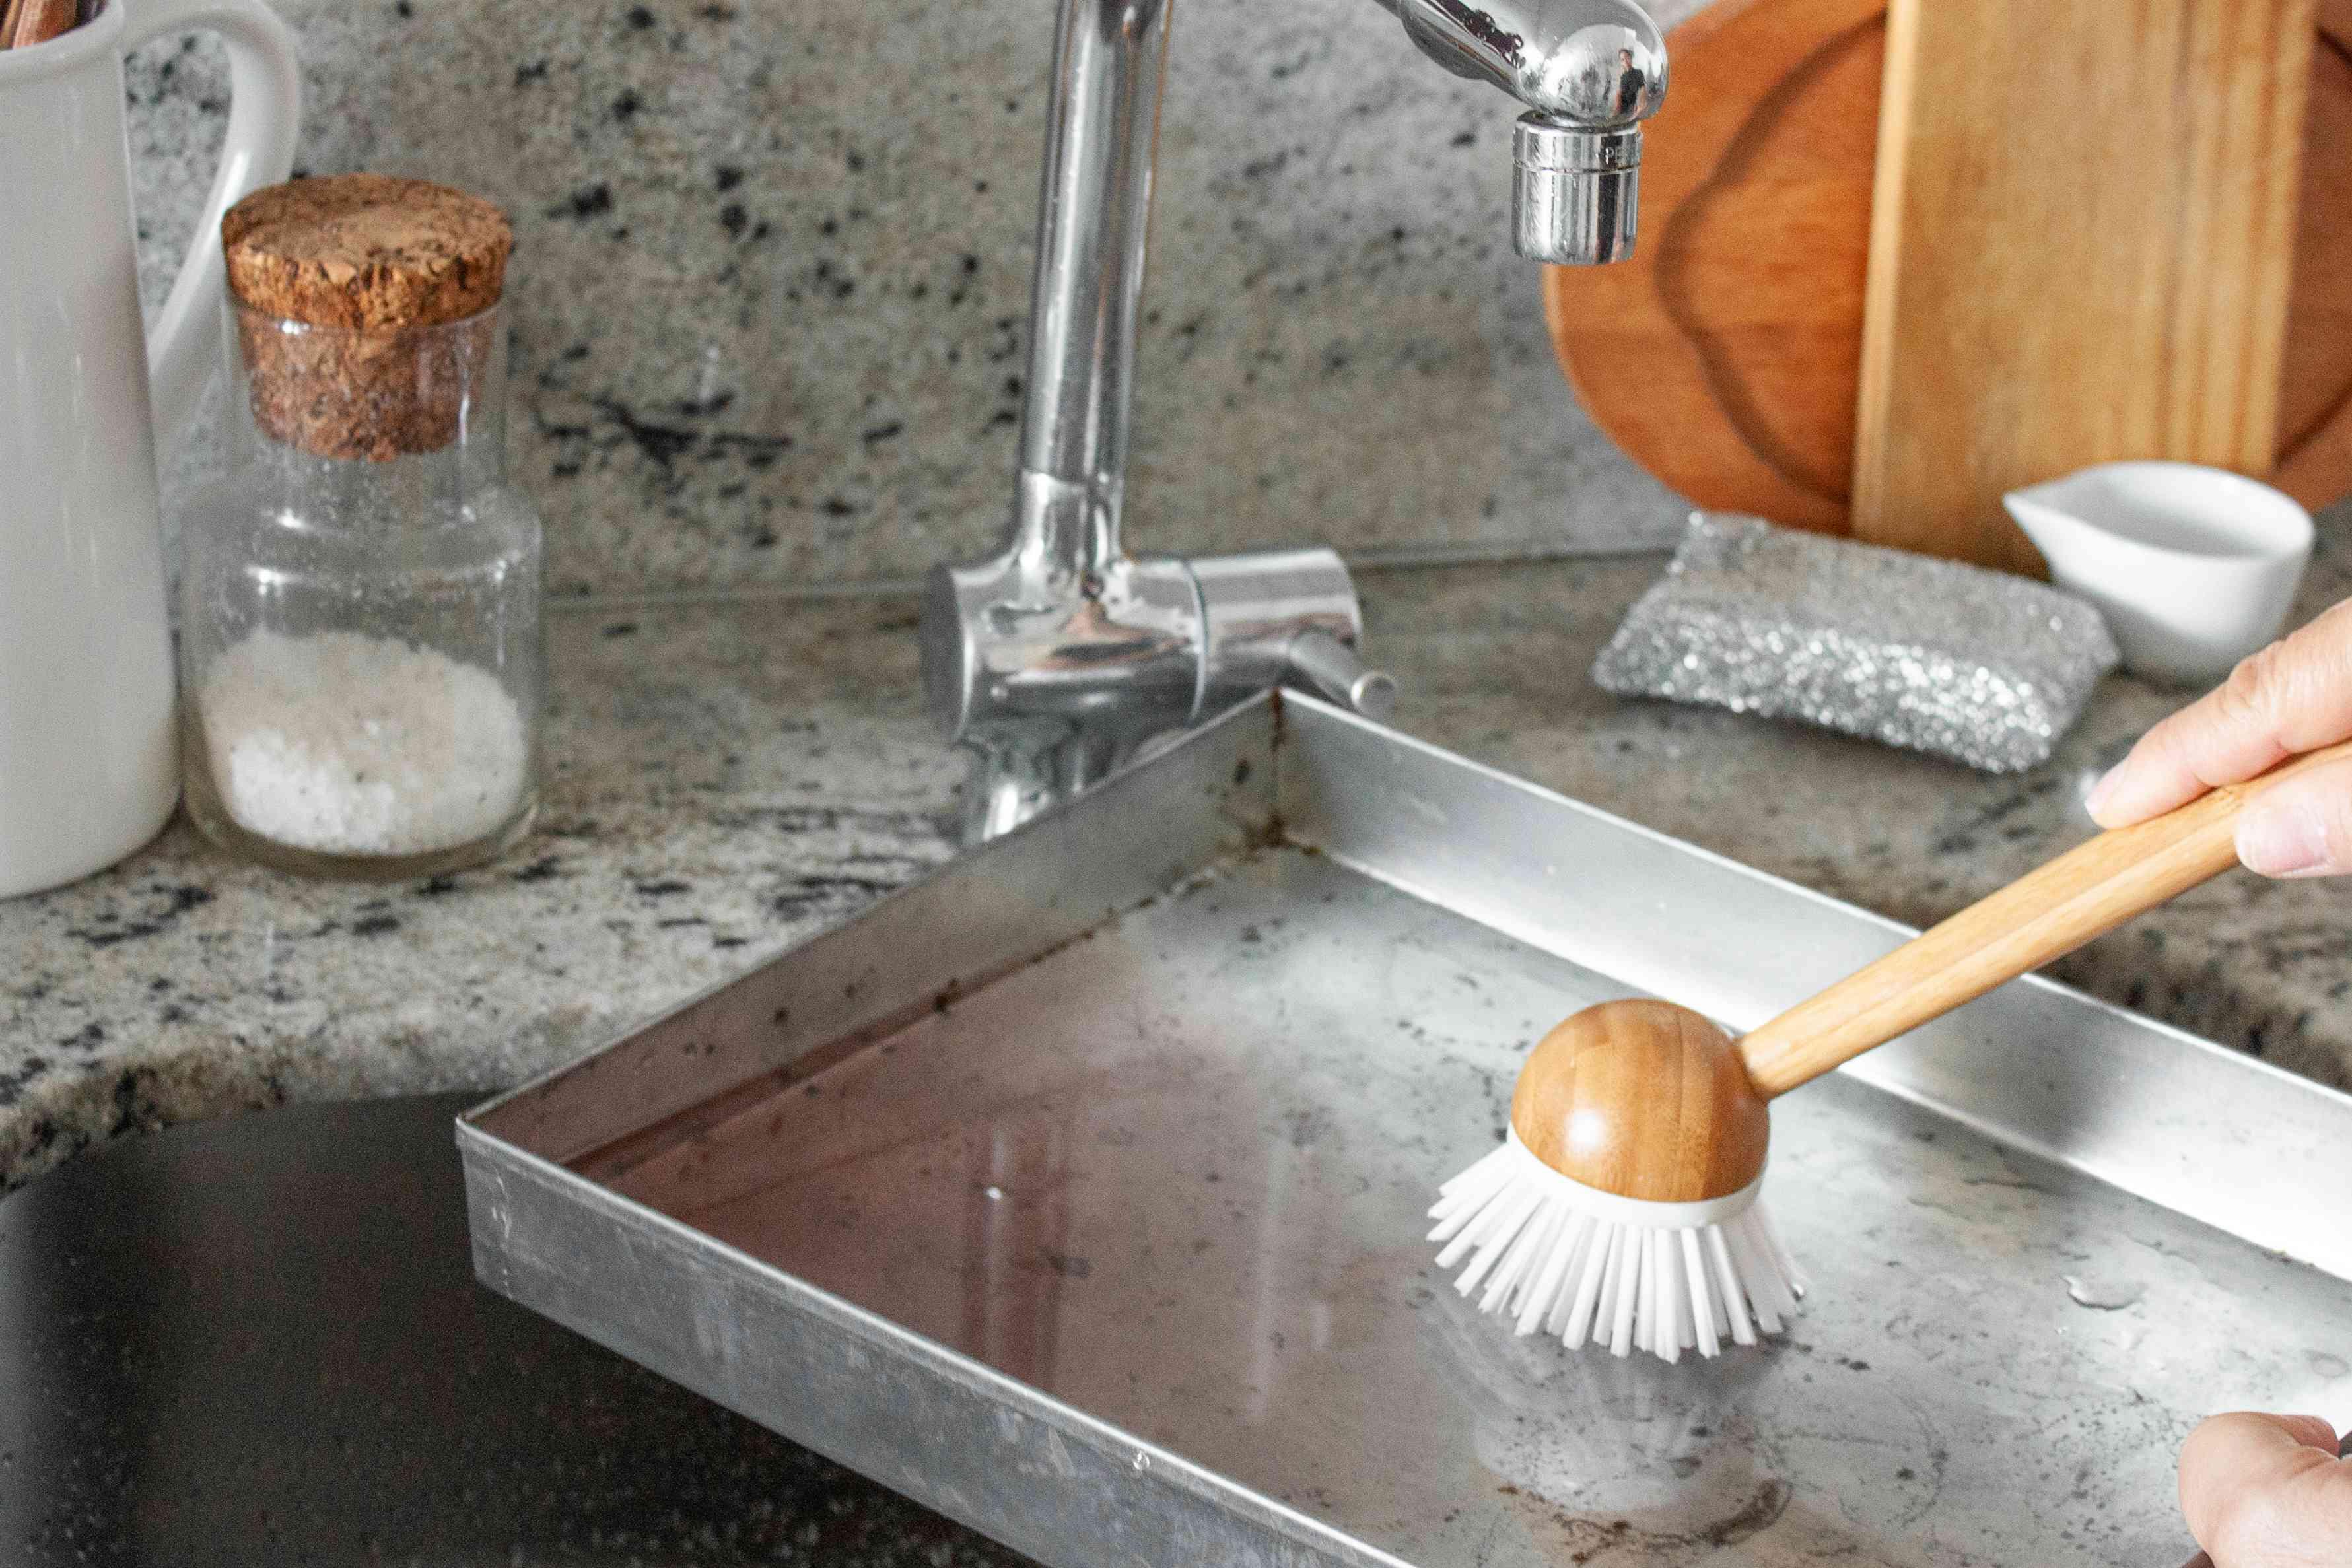 person scrubbing a pan